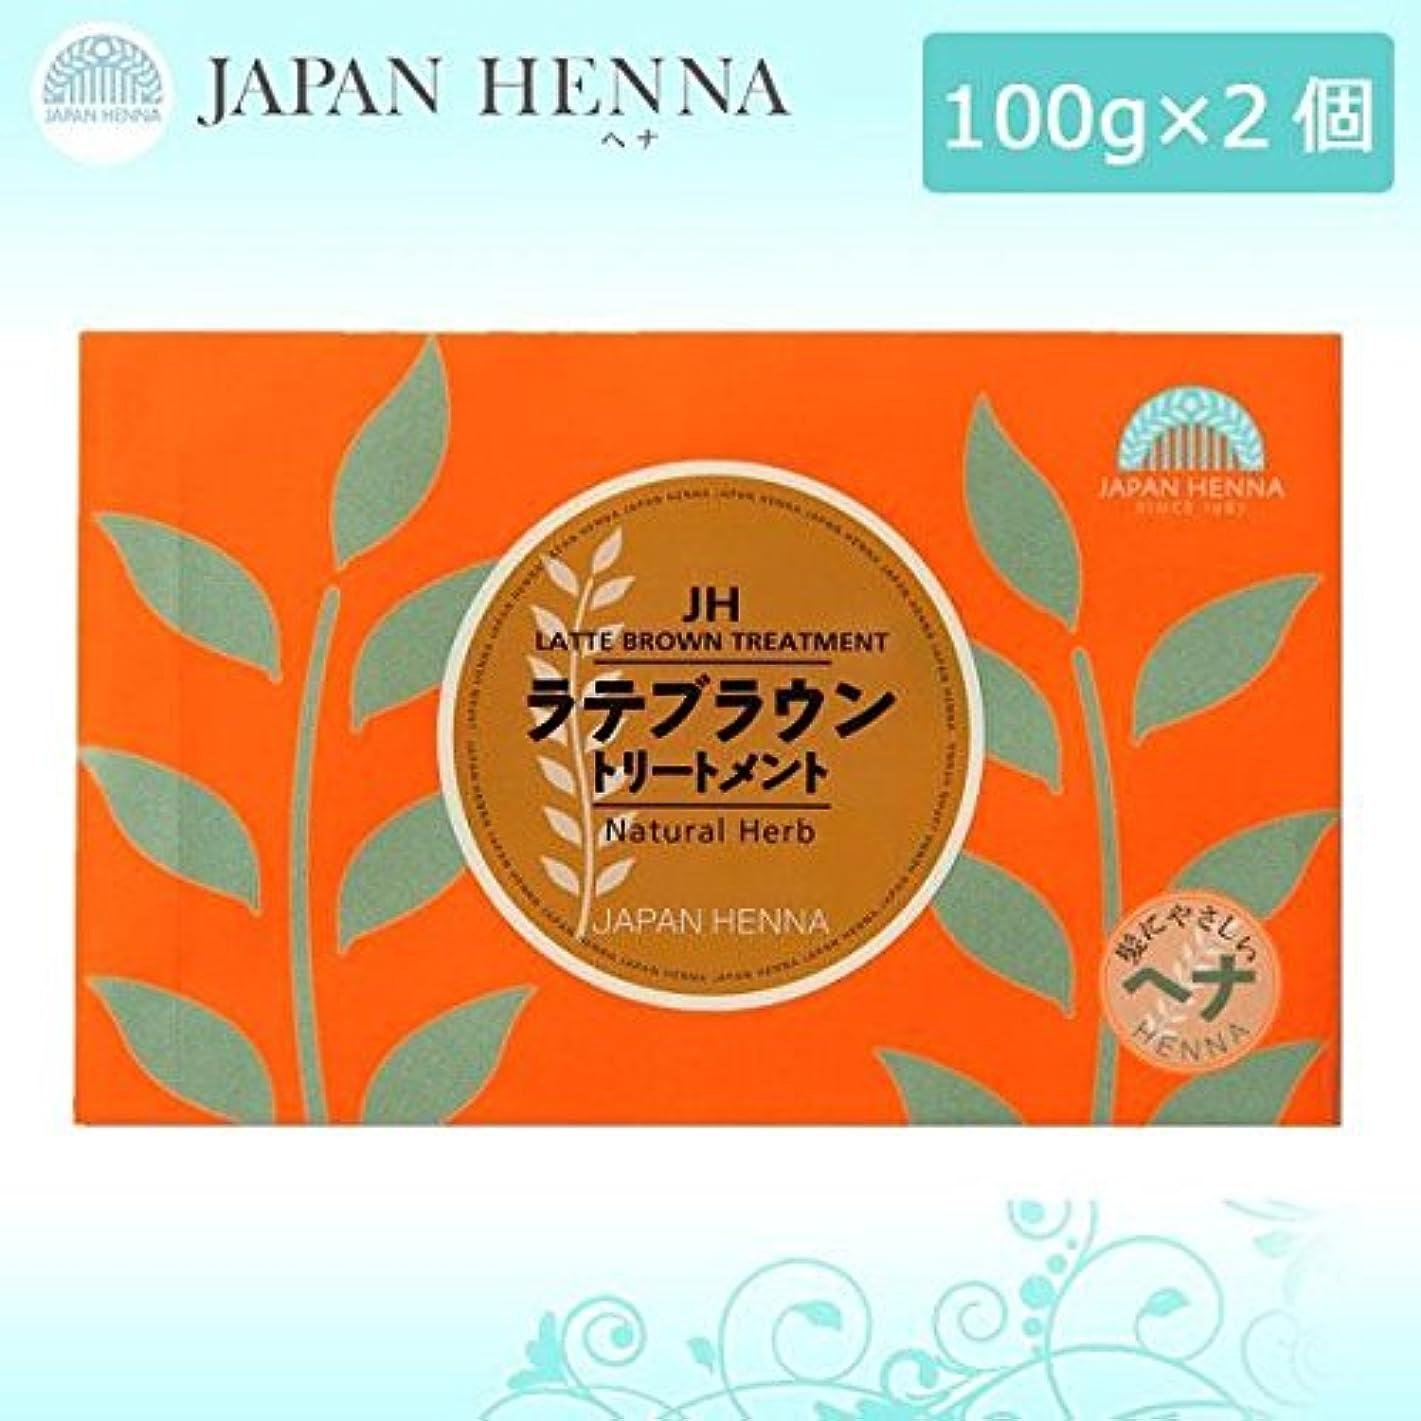 翻訳悔い改めストレンジャージャパンヘナ ヘナカラートリートメント ラテブラウン B-10 100g×2個セット